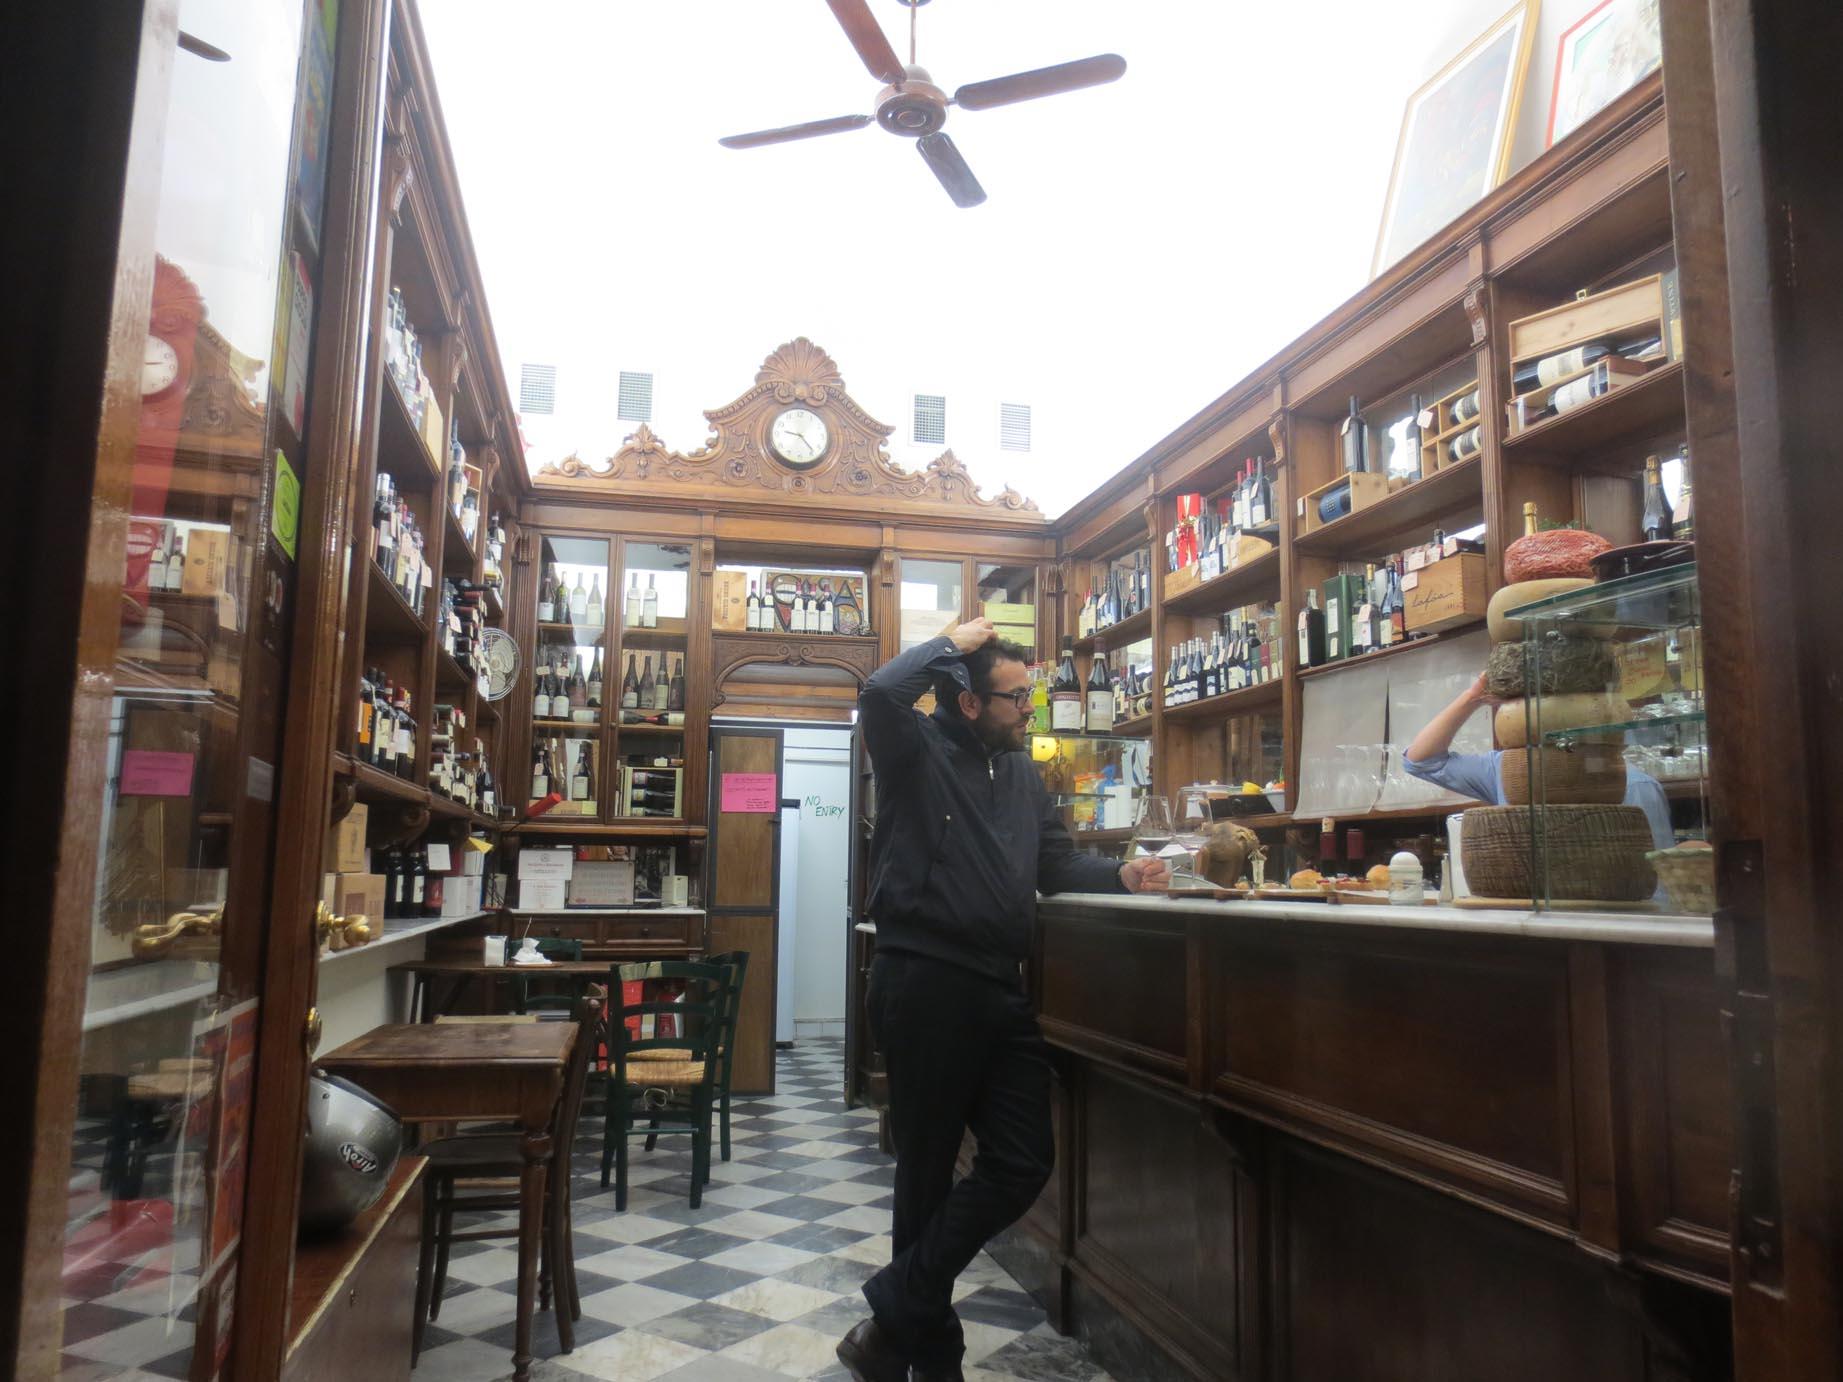 サンロレンツォで美味しいワインとパニーノはここで!!_c0179785_63409.jpg